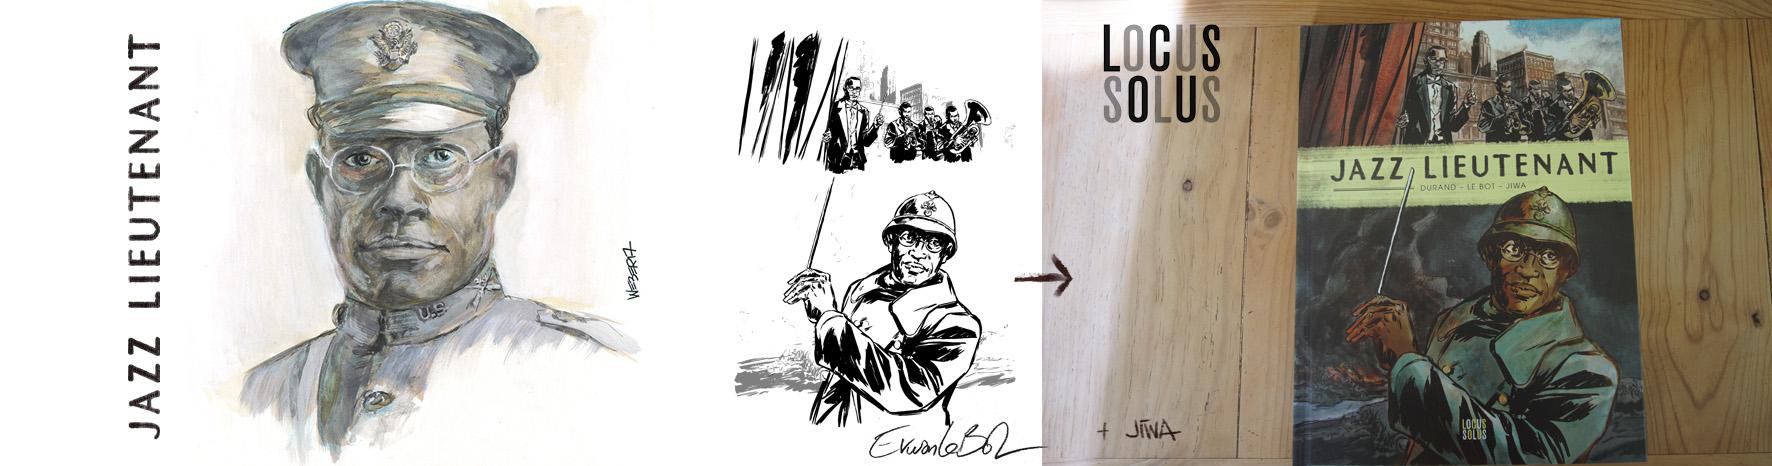 Jazz Lieutenant - portrait gauche: JIWA • couv Dessin BD:Erwan Le Bot • composition et mise en couleur: JIWA - © LOCUS SOLUS - 2018